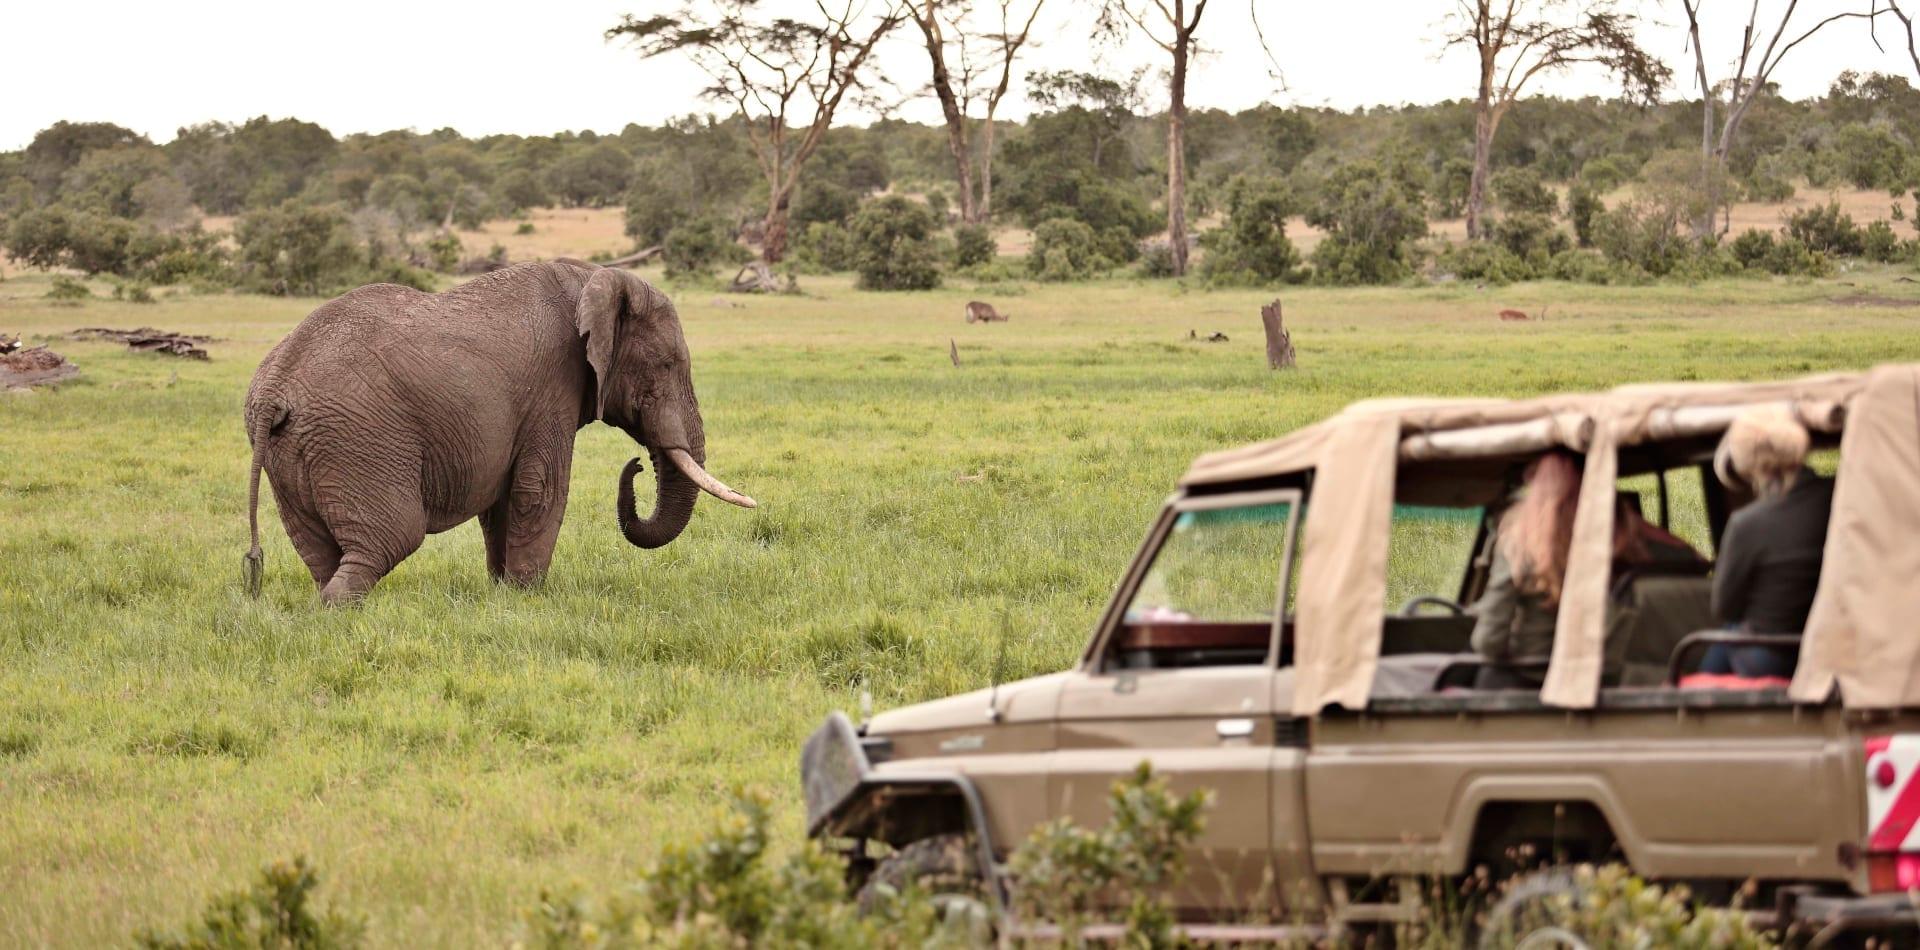 Elephant safari in Angola